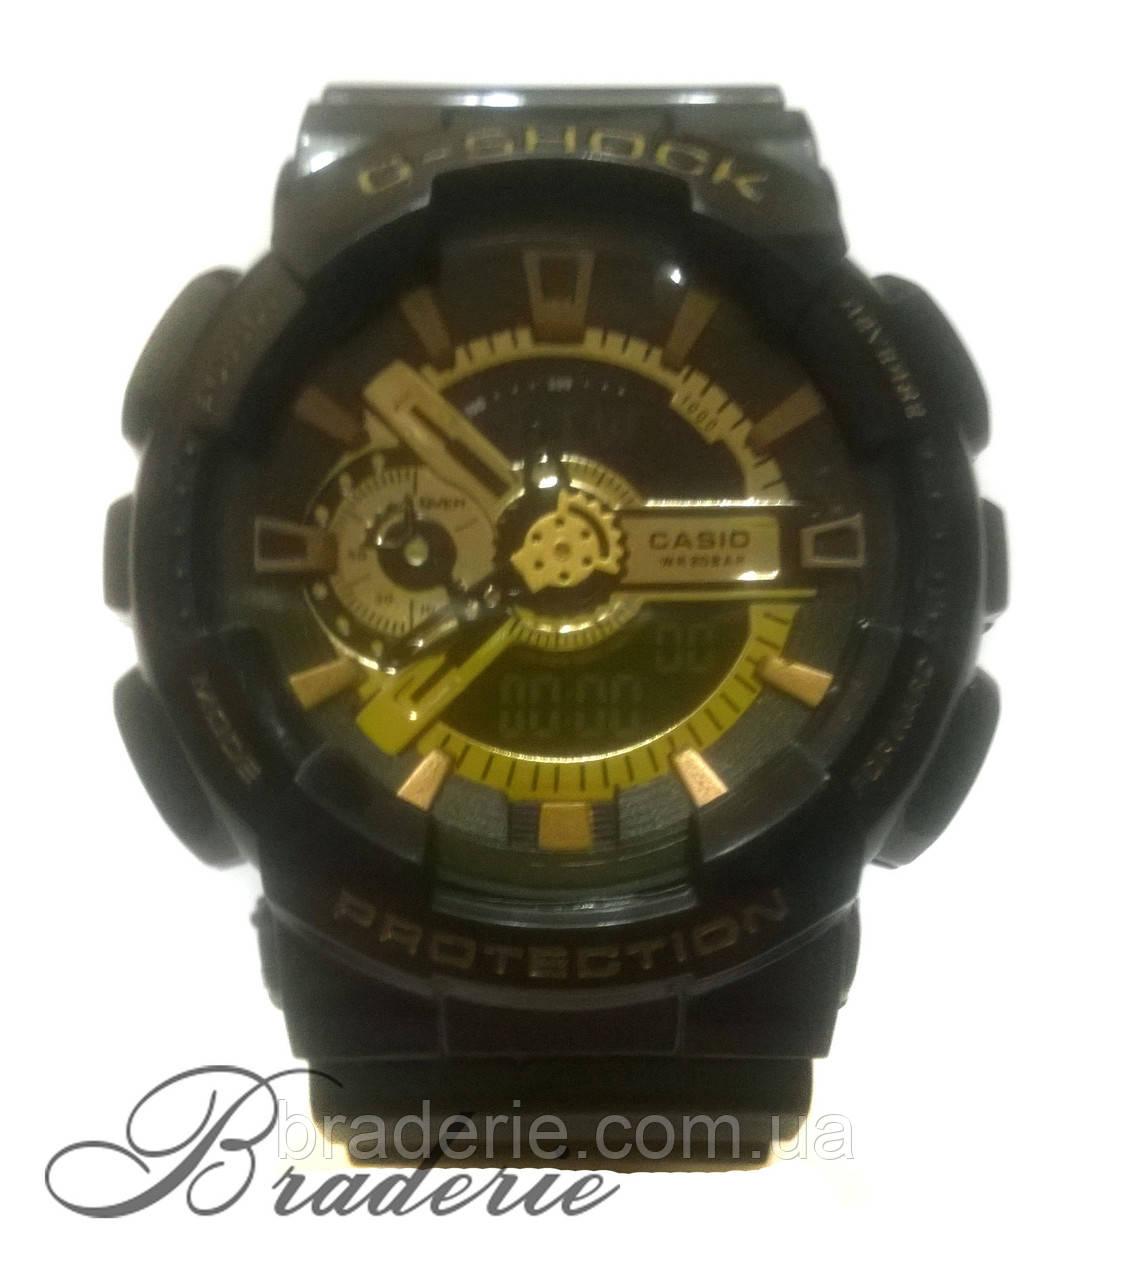 Наручные часы Casio G-Shock 1208